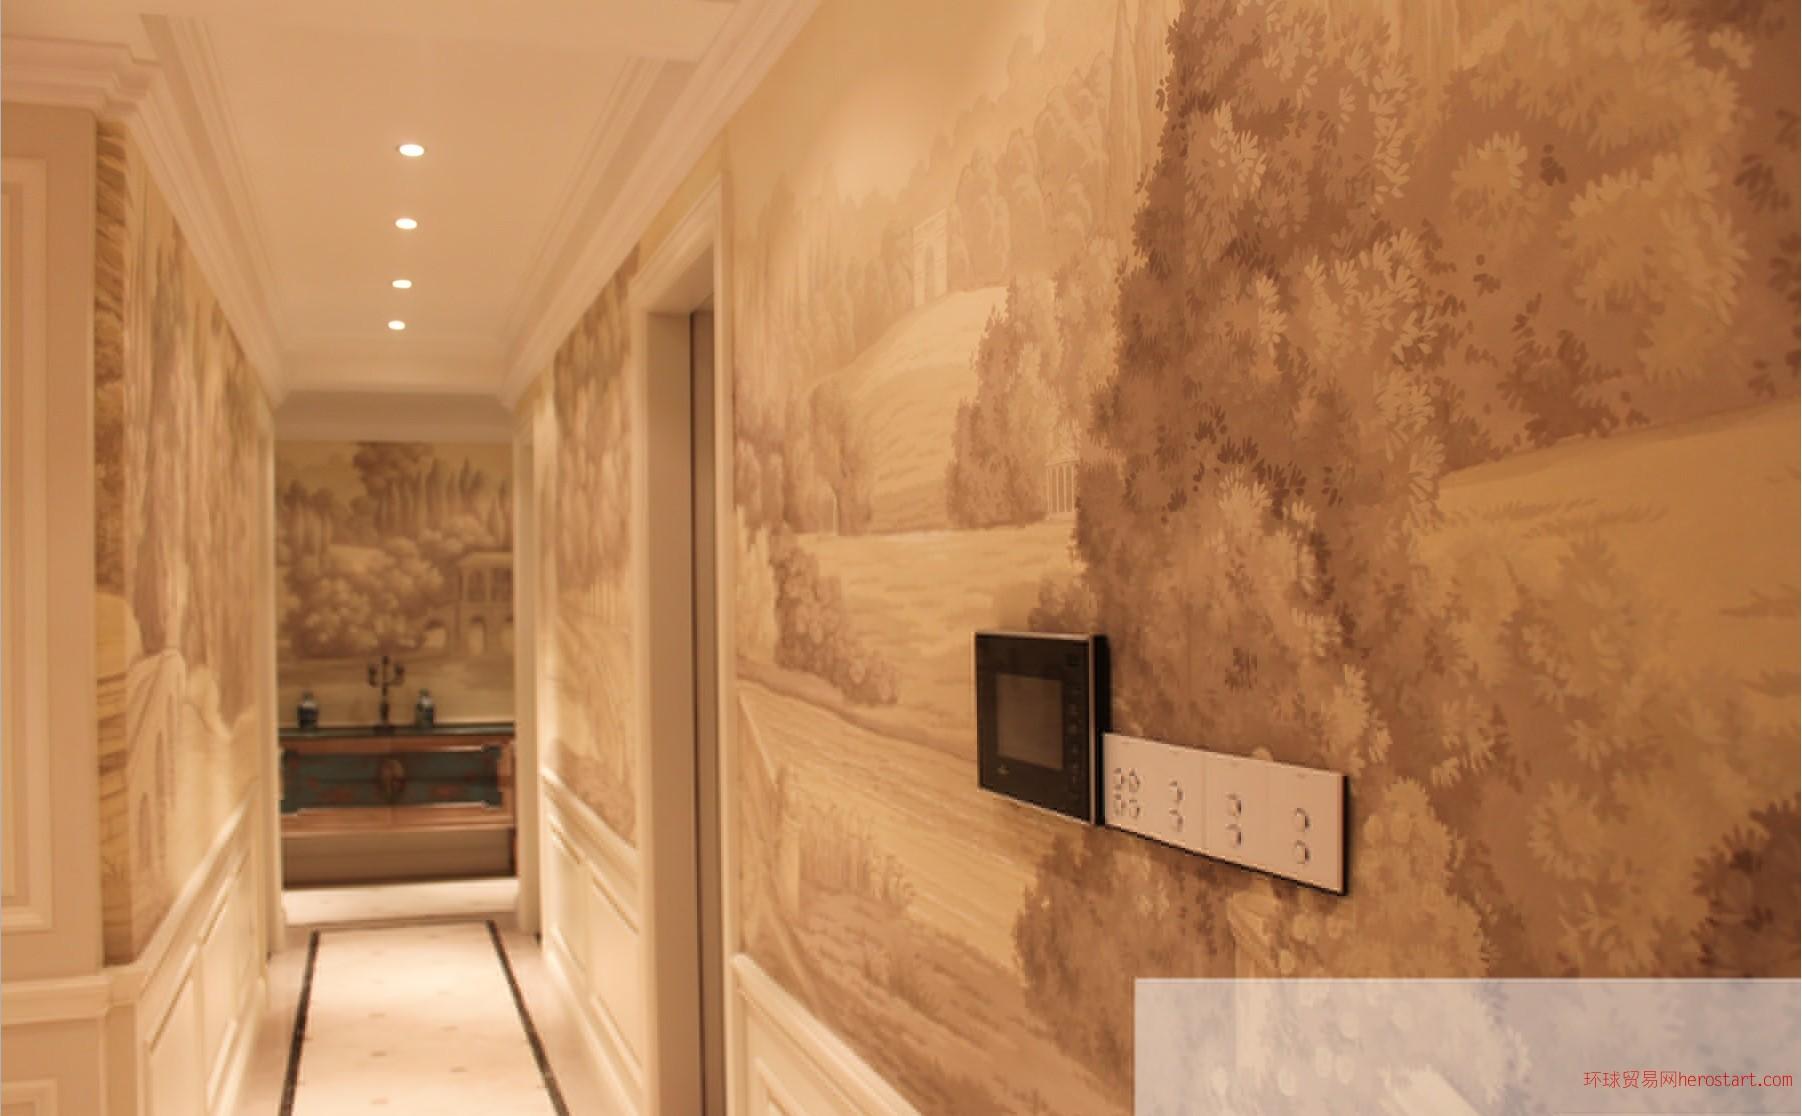 丝绸手绘壁纸 真丝手绘壁纸 手绘刺绣壁纸